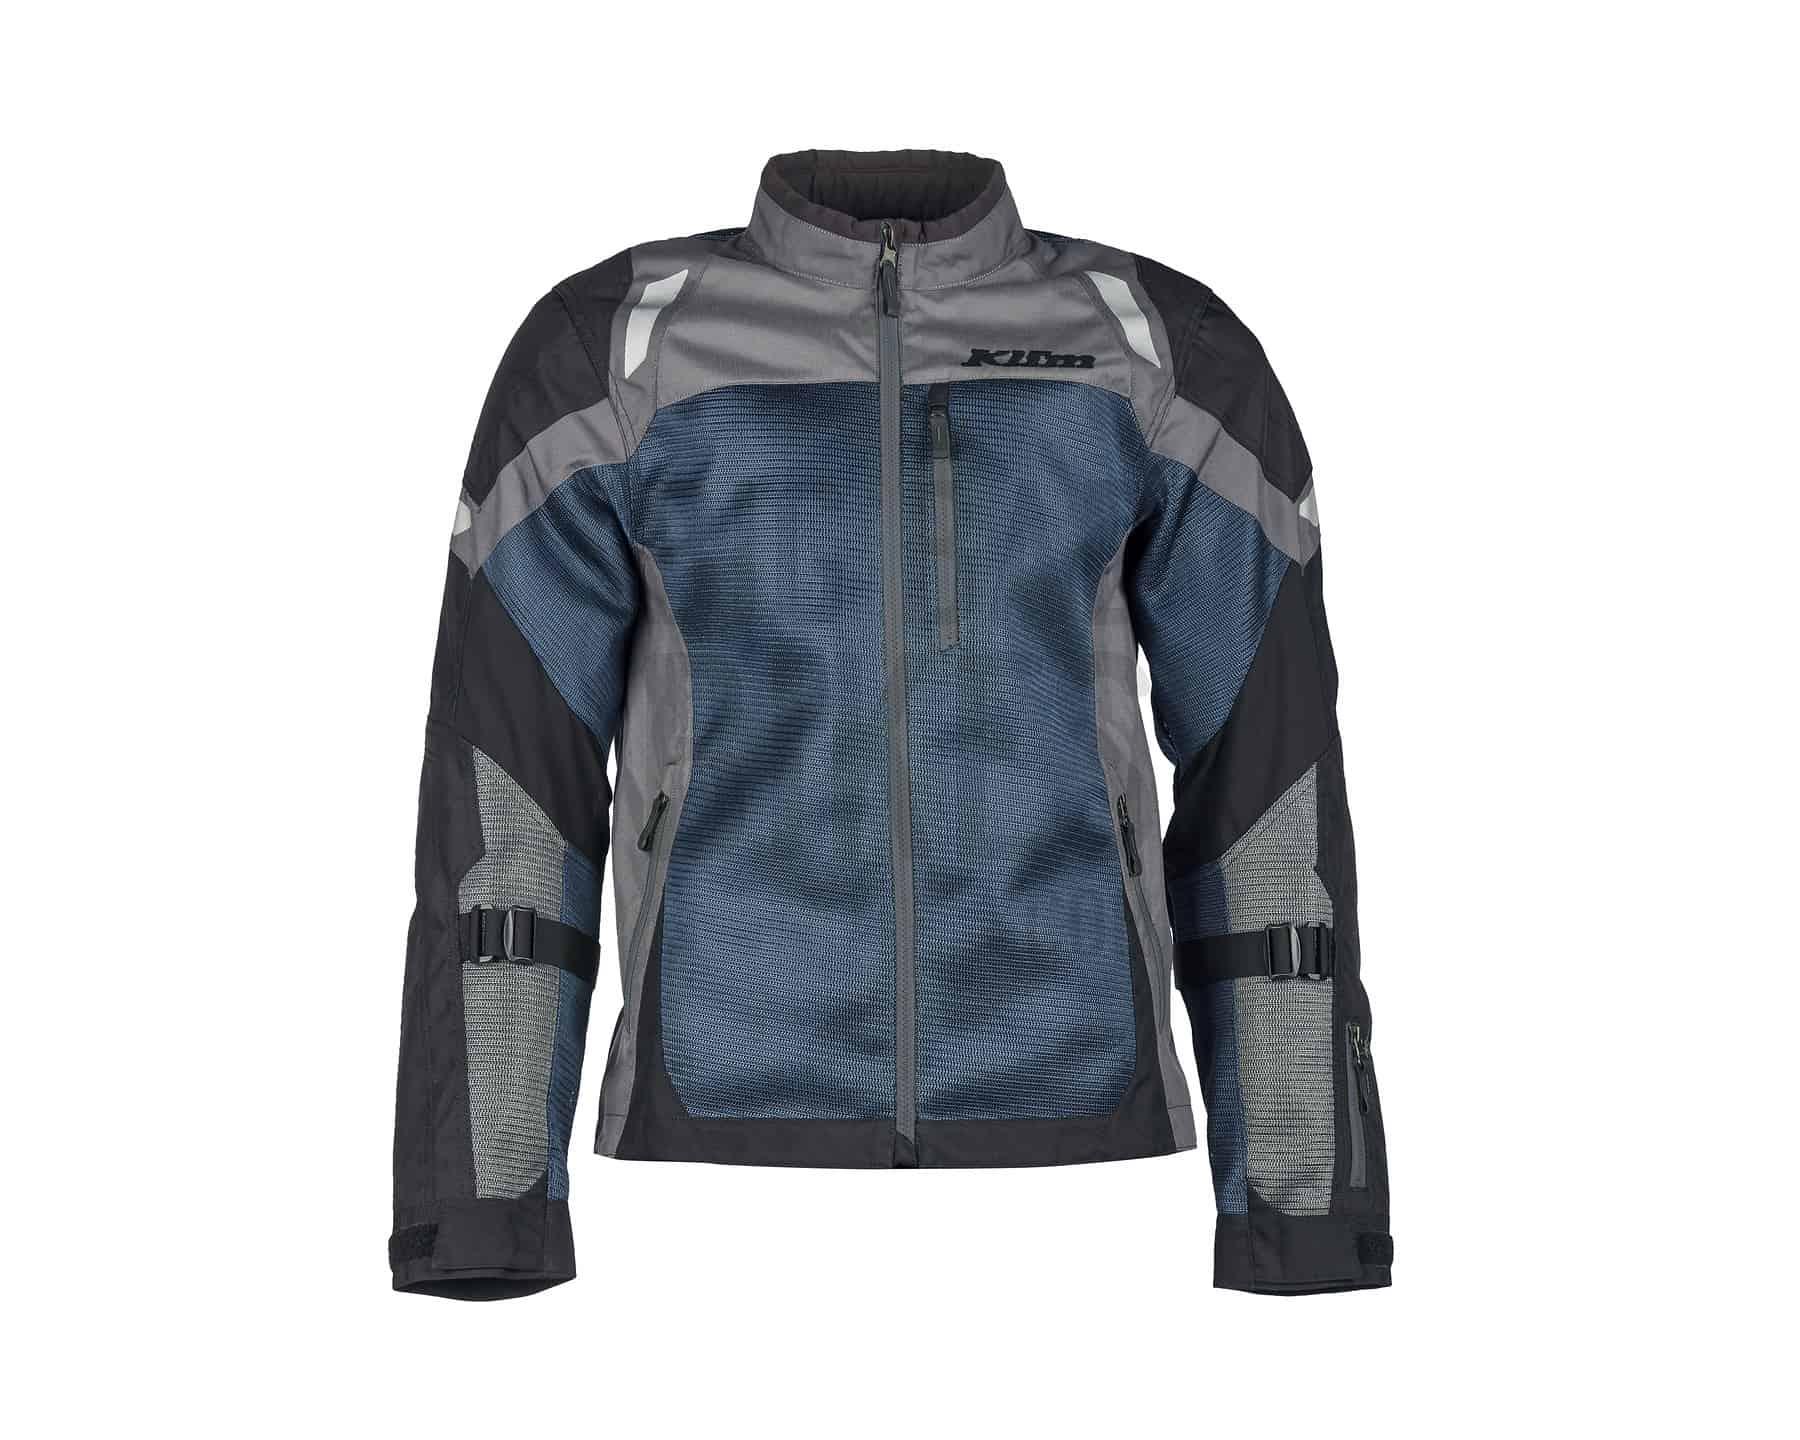 Induction Jacket_5060-002_Blue_01